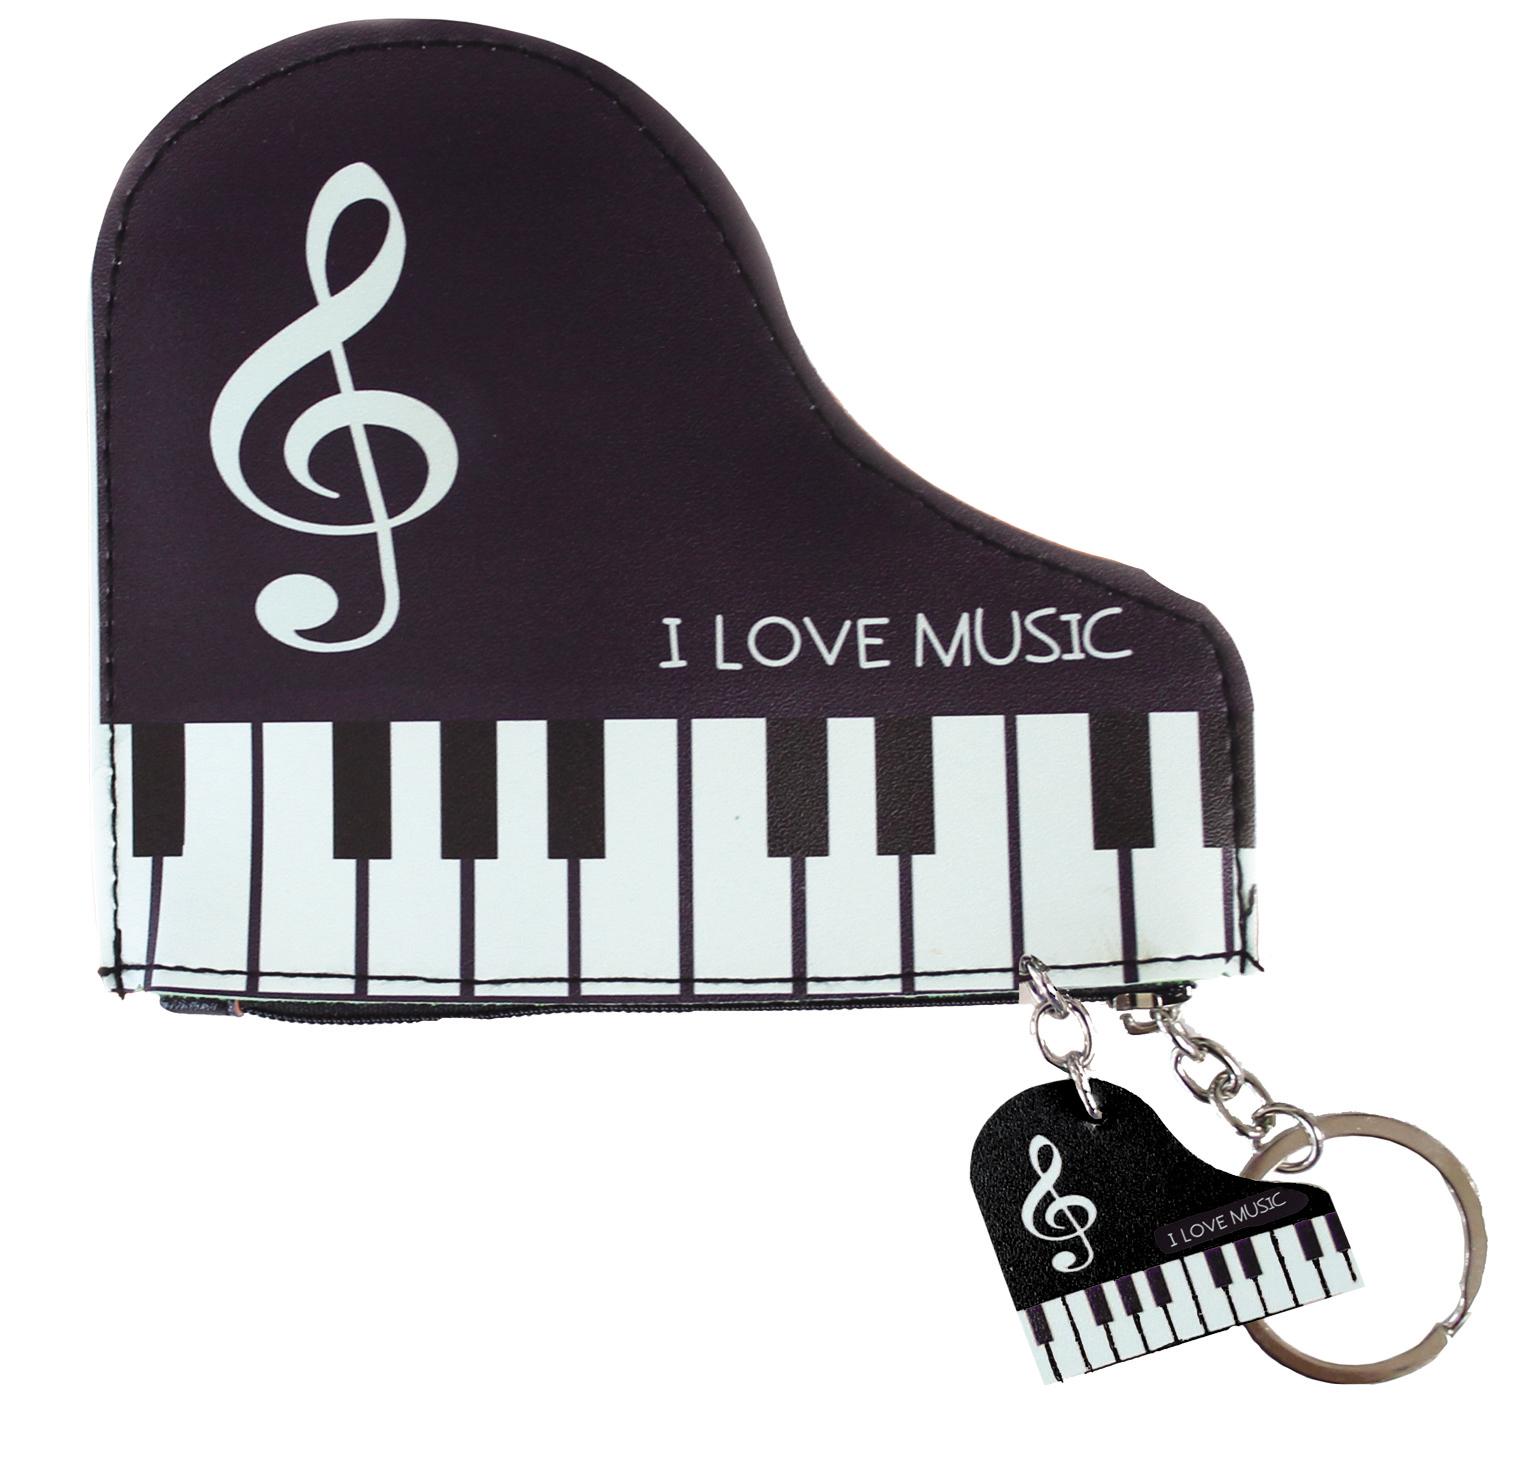 ピアノポーチ ※お取り寄せ商品 引き出物 記念品 音楽雑貨 音符 ピアノモチーフ ト音記号 ピアノ雑貨